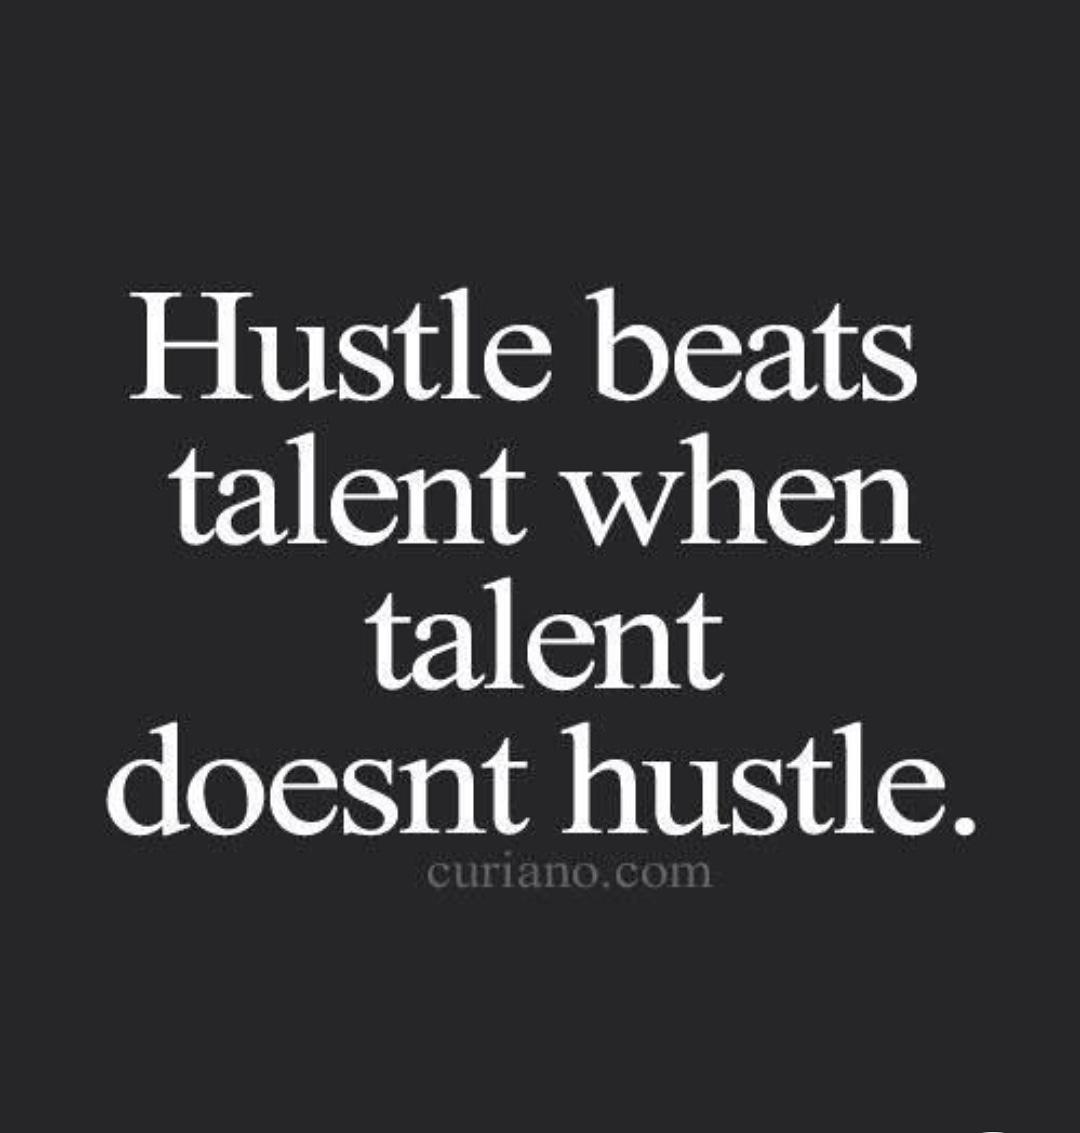 Hustle beats talent when talent doesn't hustle.  #chrisgurneeteam #exprealty #chrisgurneeteambrokeredbyexprealty #goal #success #positive #inspiration #inspirational #quote #motivation #motivational